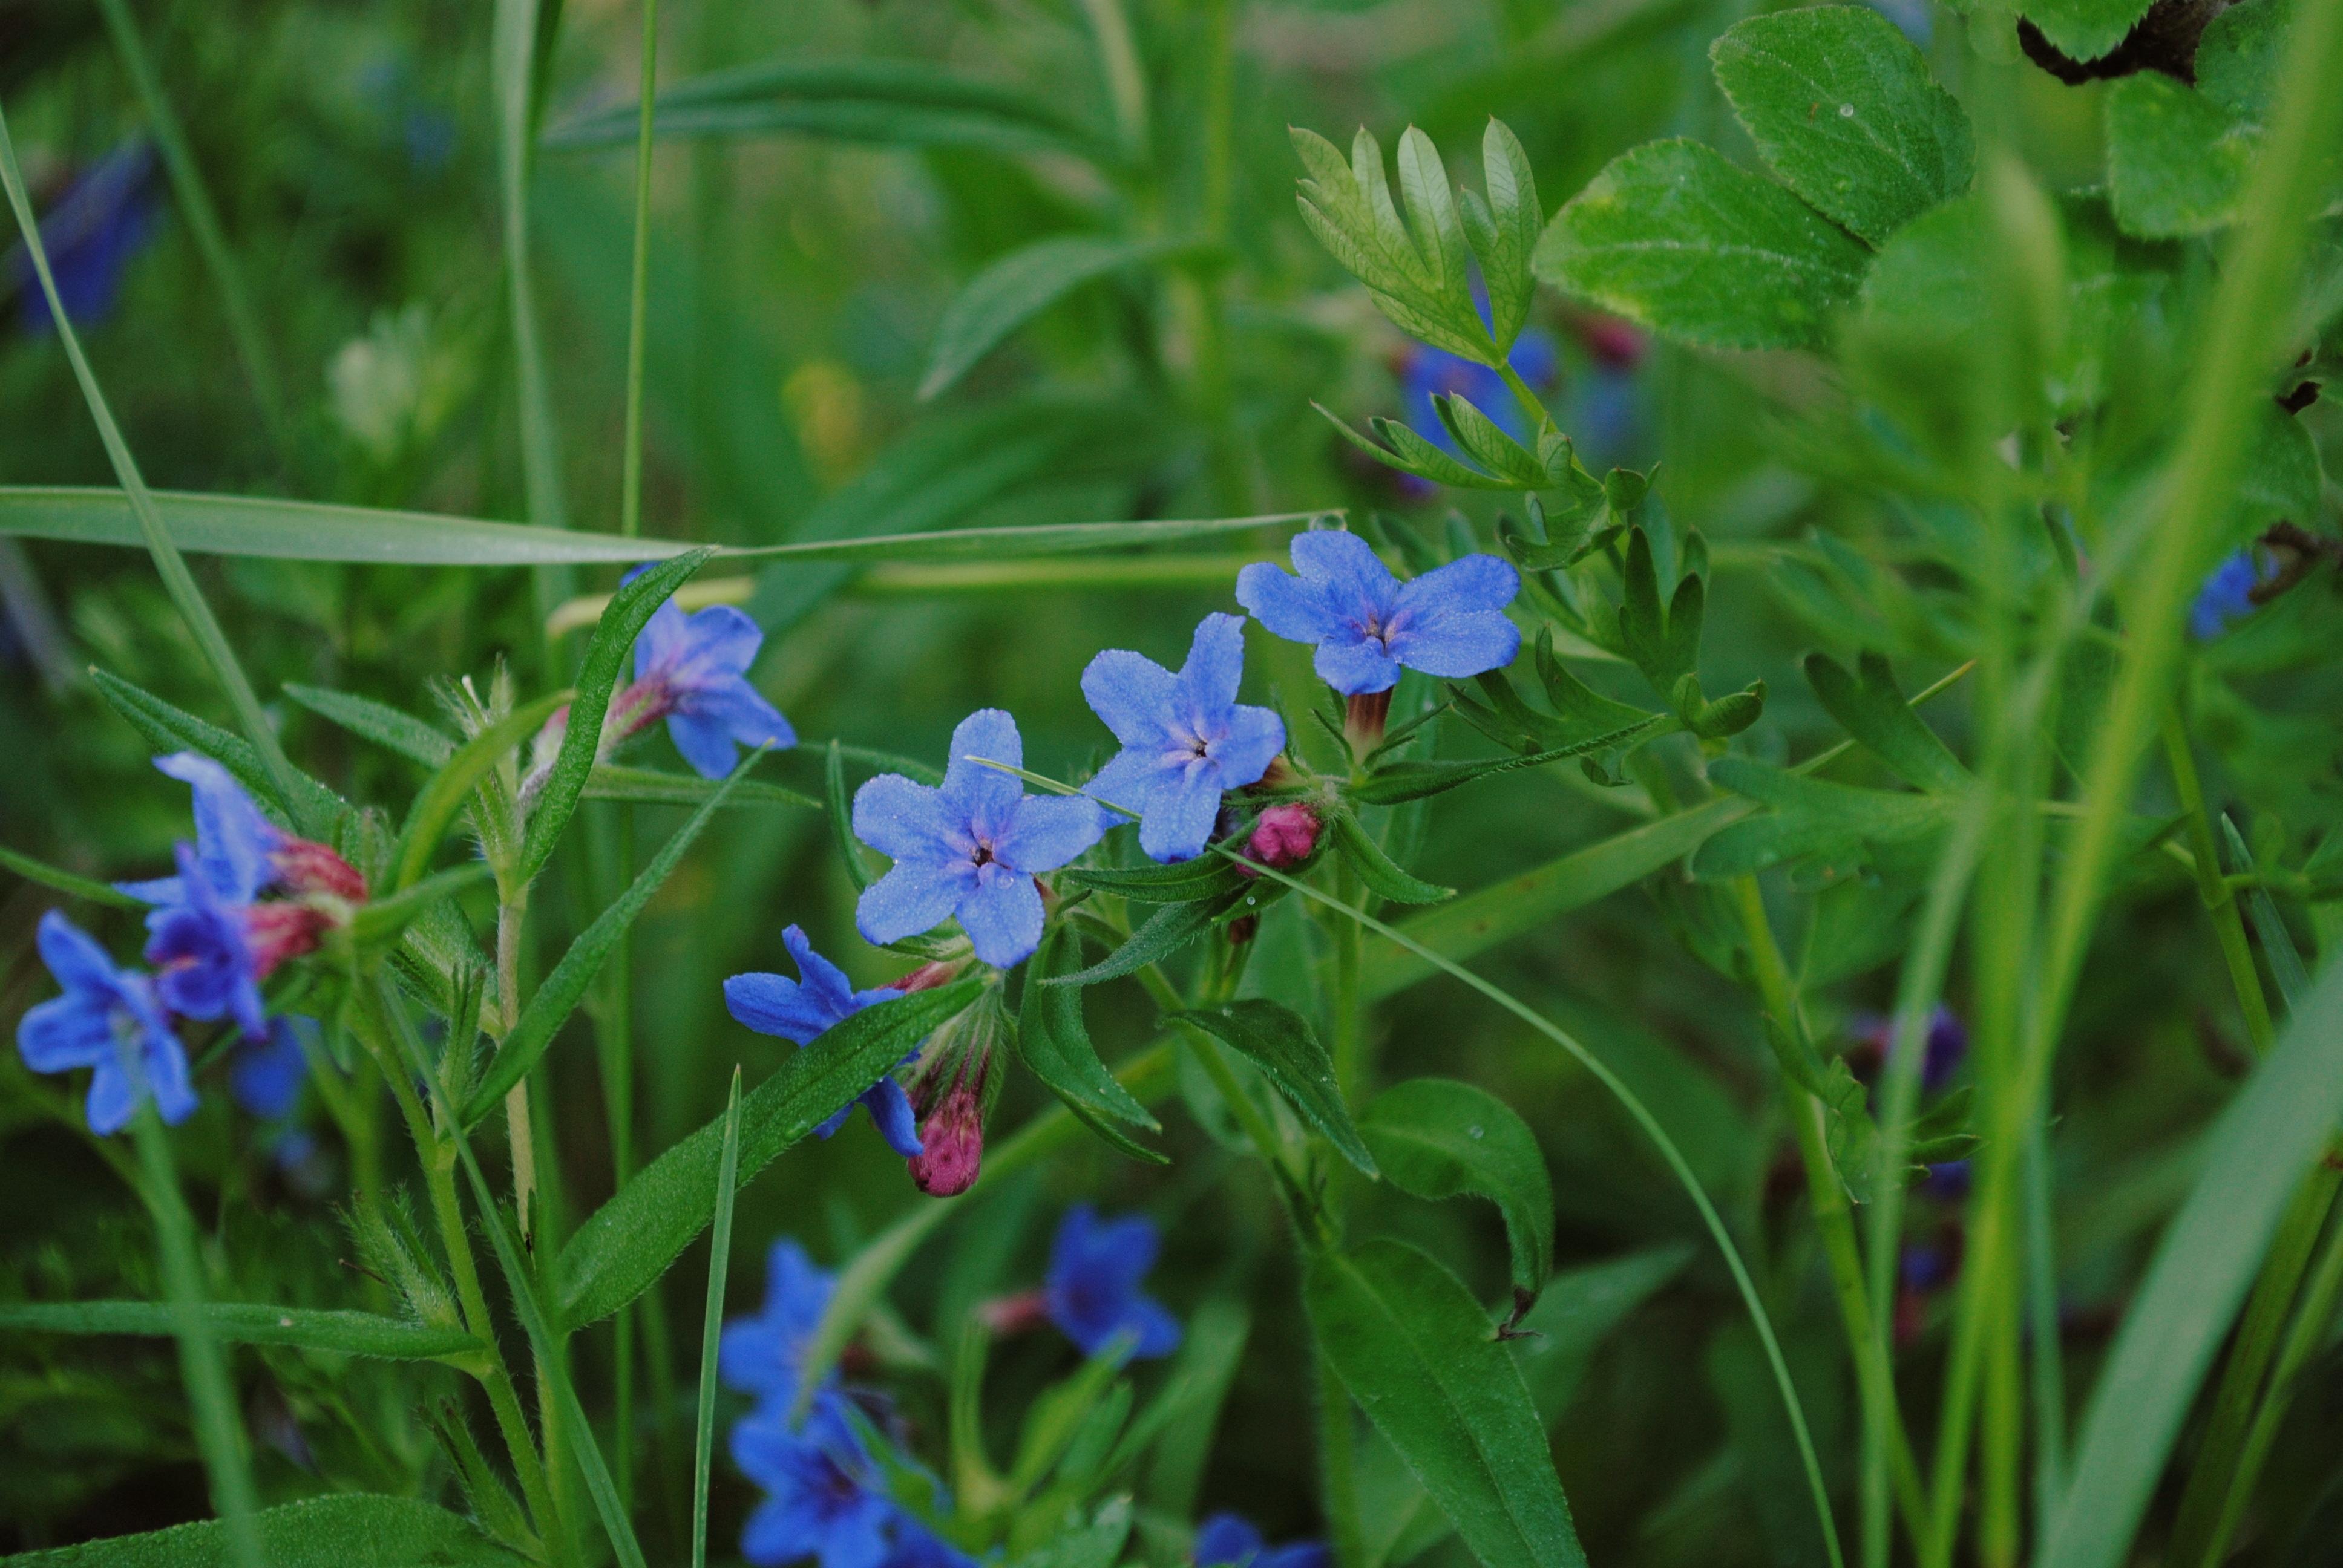 85207 Salvapantallas y fondos de pantalla Flores en tu teléfono. Descarga imágenes de Naturaleza, Hierba, Macro, Flores gratis